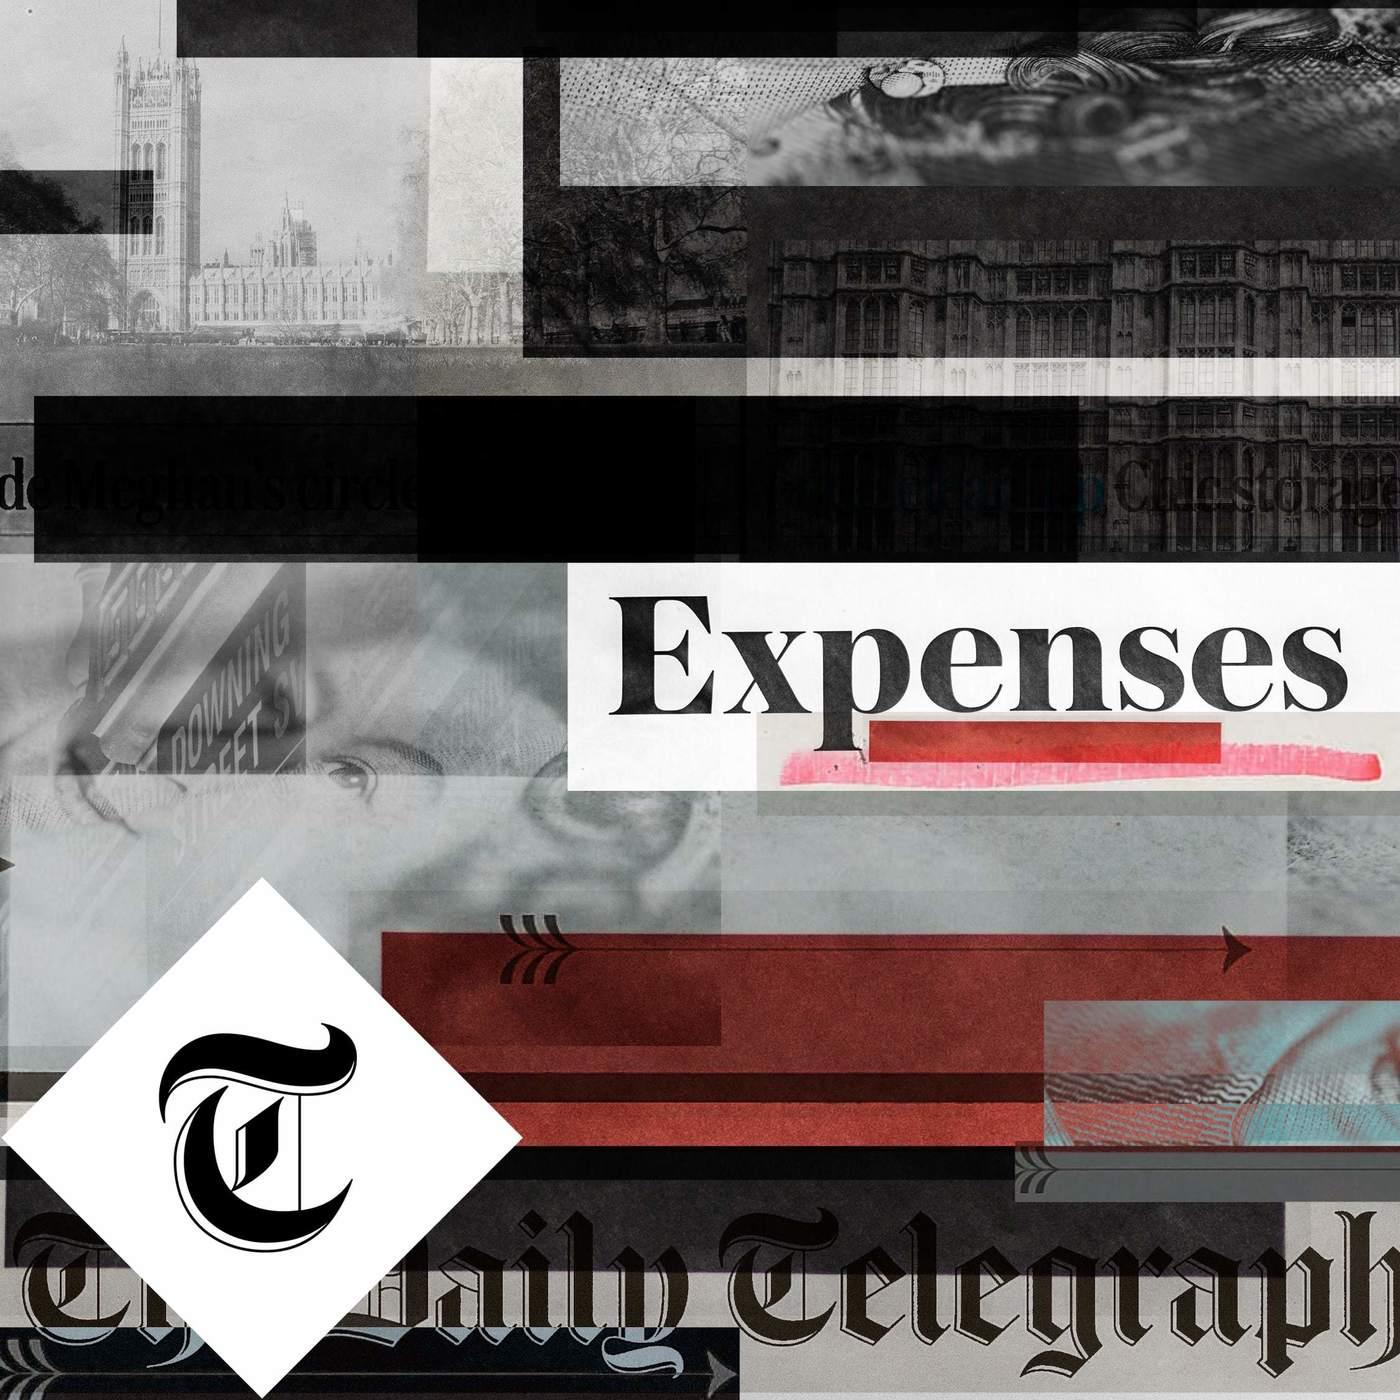 Expenses thumbnail